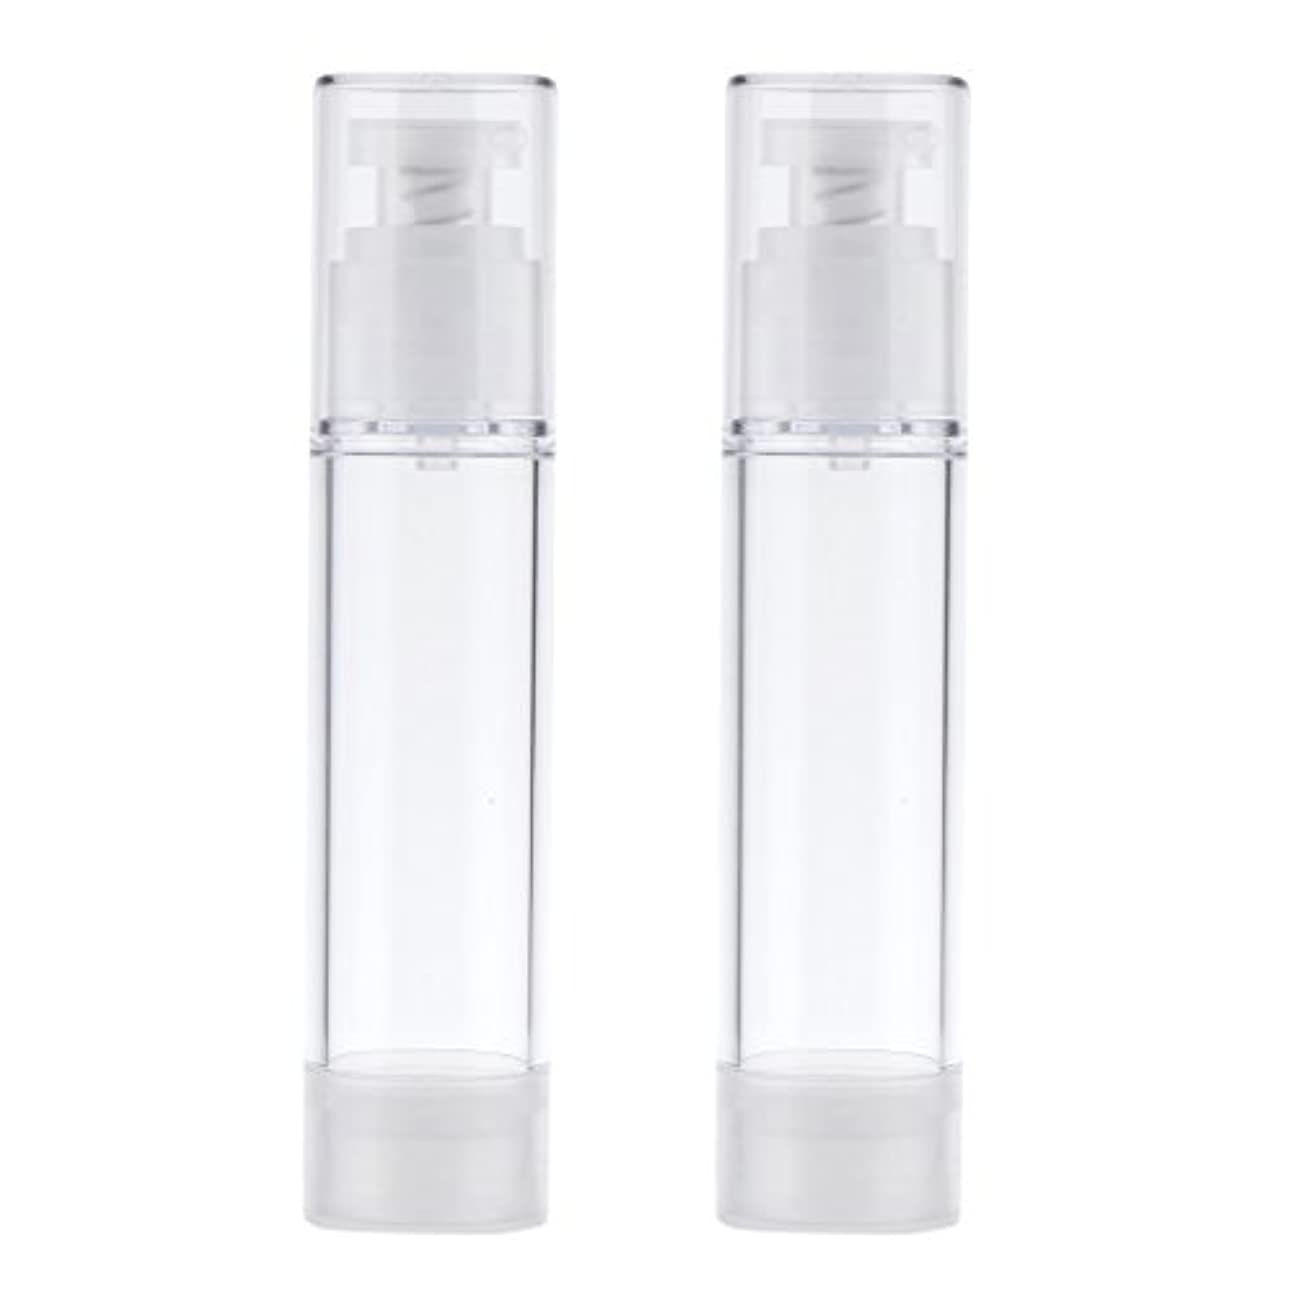 置き場タイトルショット2個 ポンプボトル エアレスボトル ポンプディスペンサー コスメ DIY 詰替え 香水ボトル 3サイズ選べる - 50ml